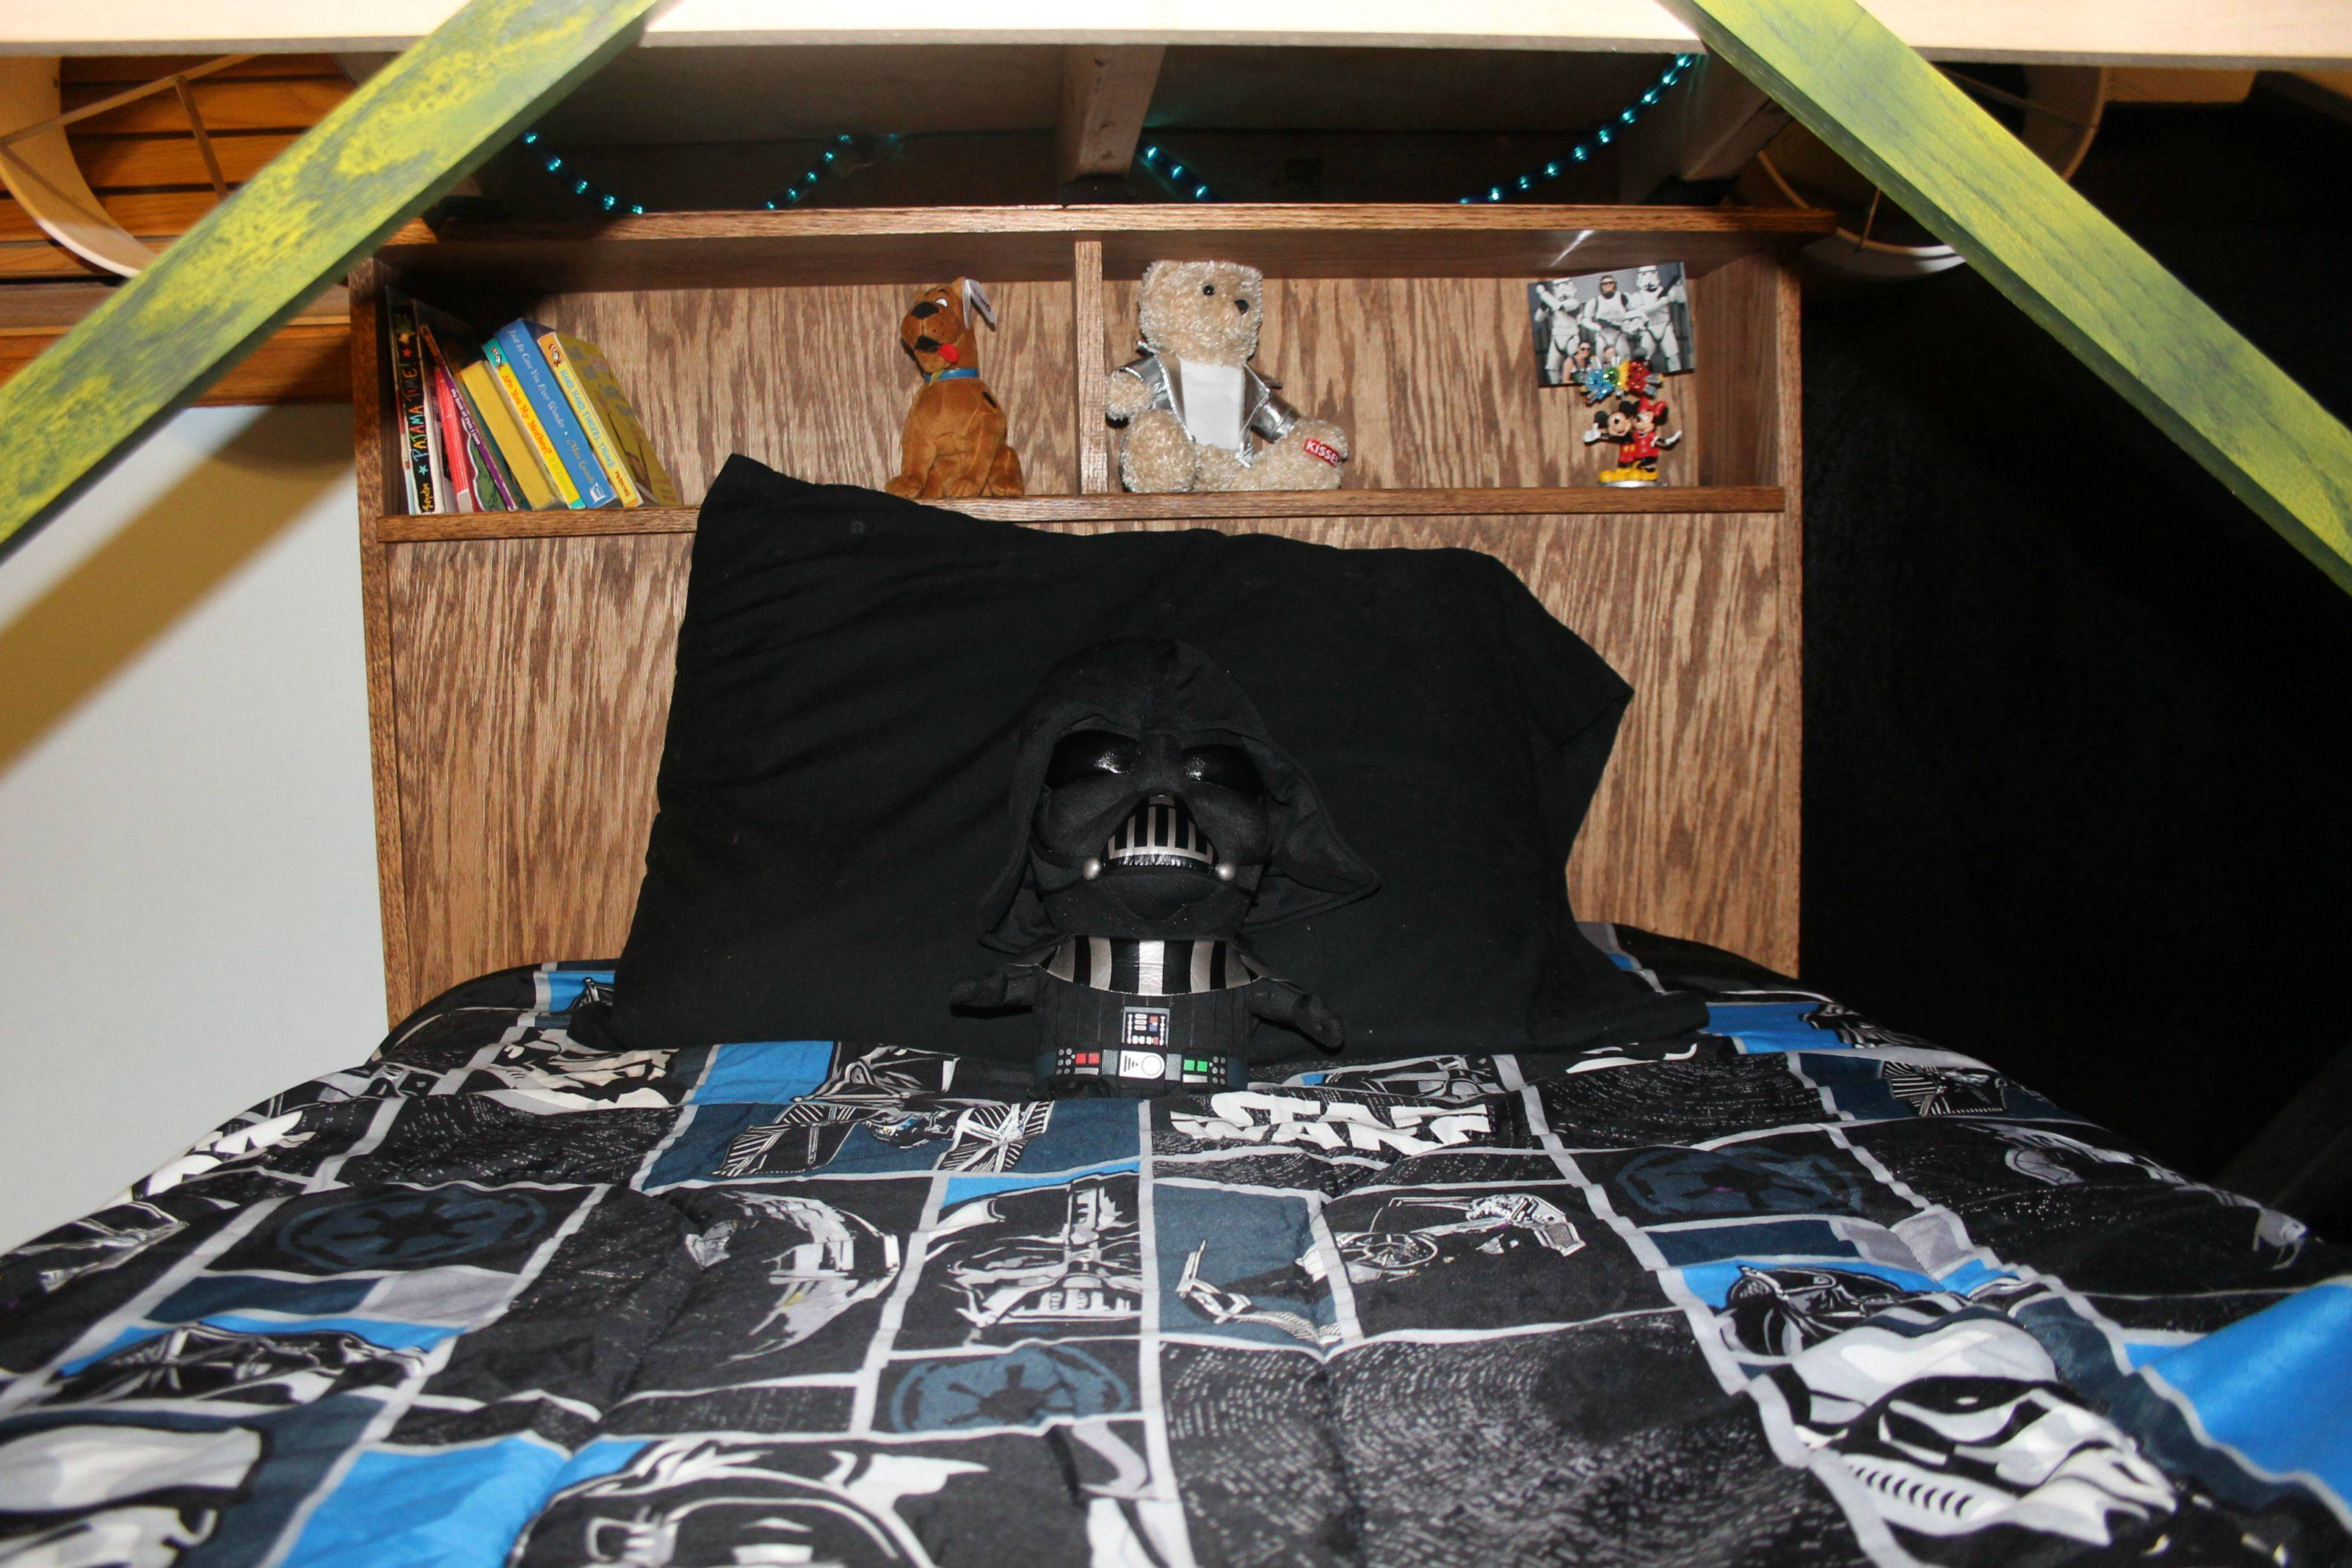 Star Wars X-Wing Bunk Bed - DIY